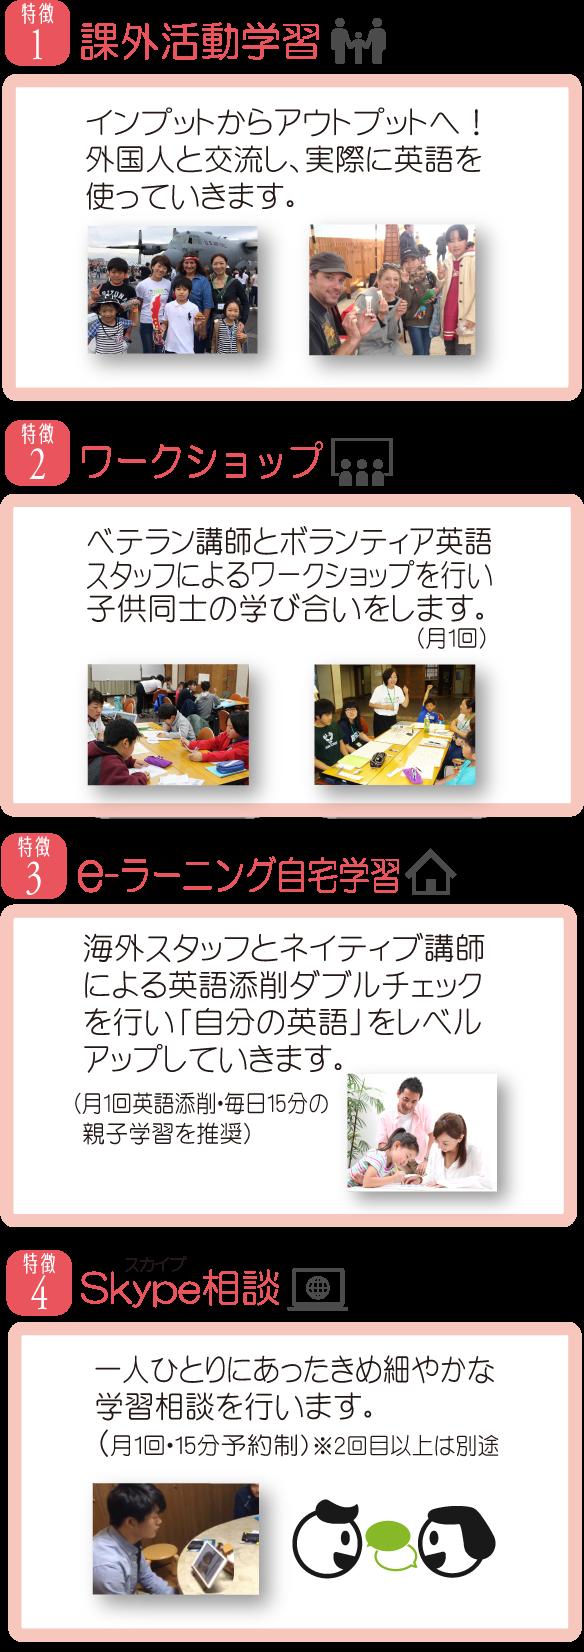 4つの特徴画像